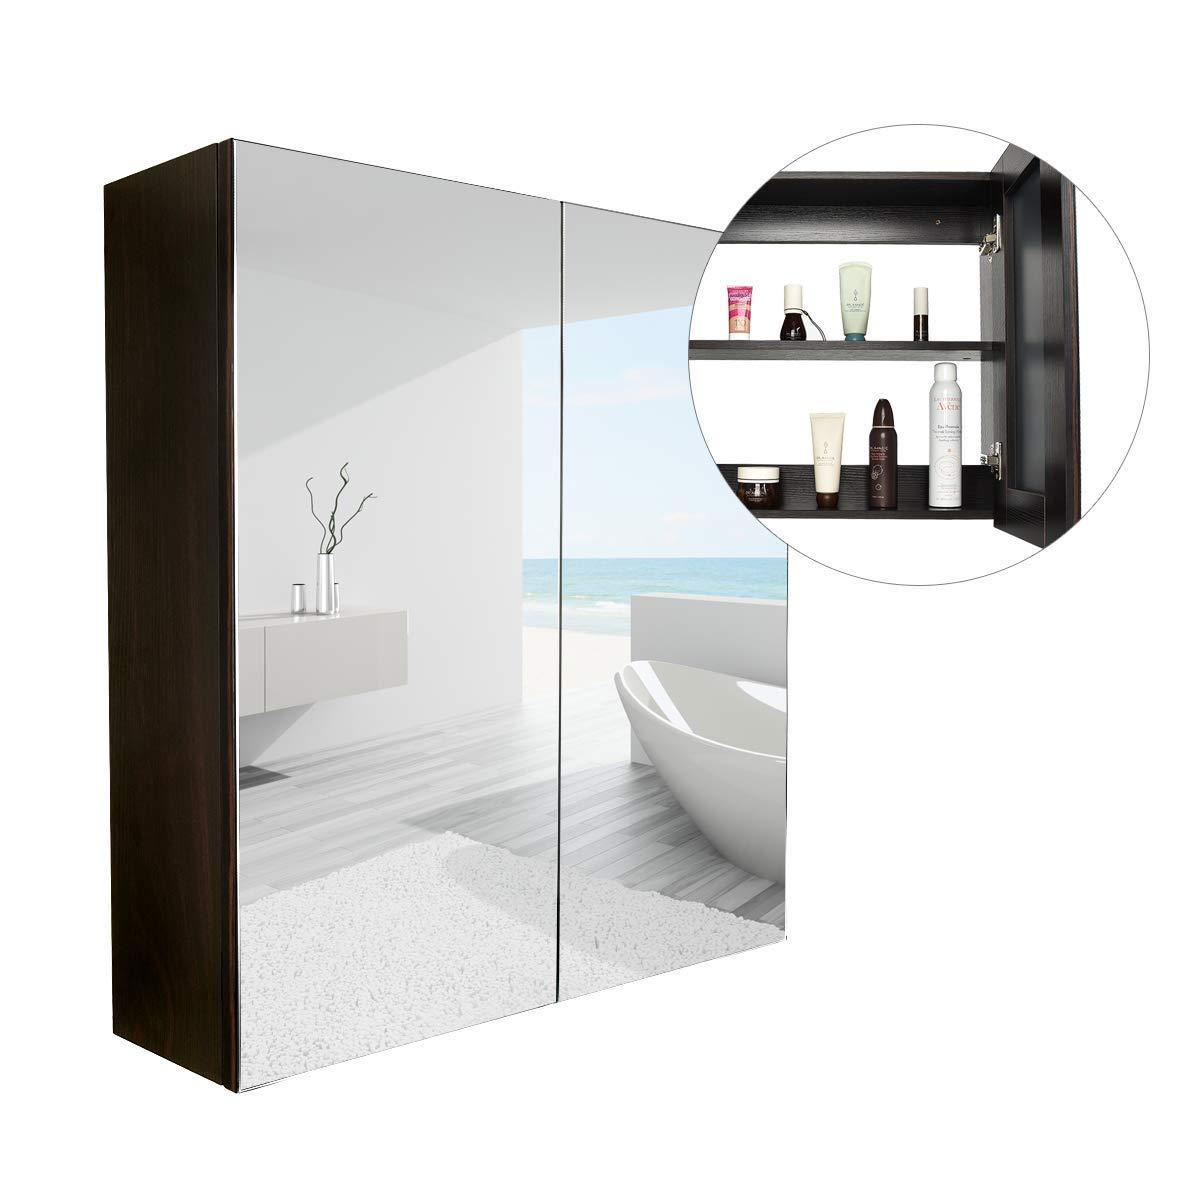 Cheap Storage Mirror Bathroom Find Storage Mirror Bathroom